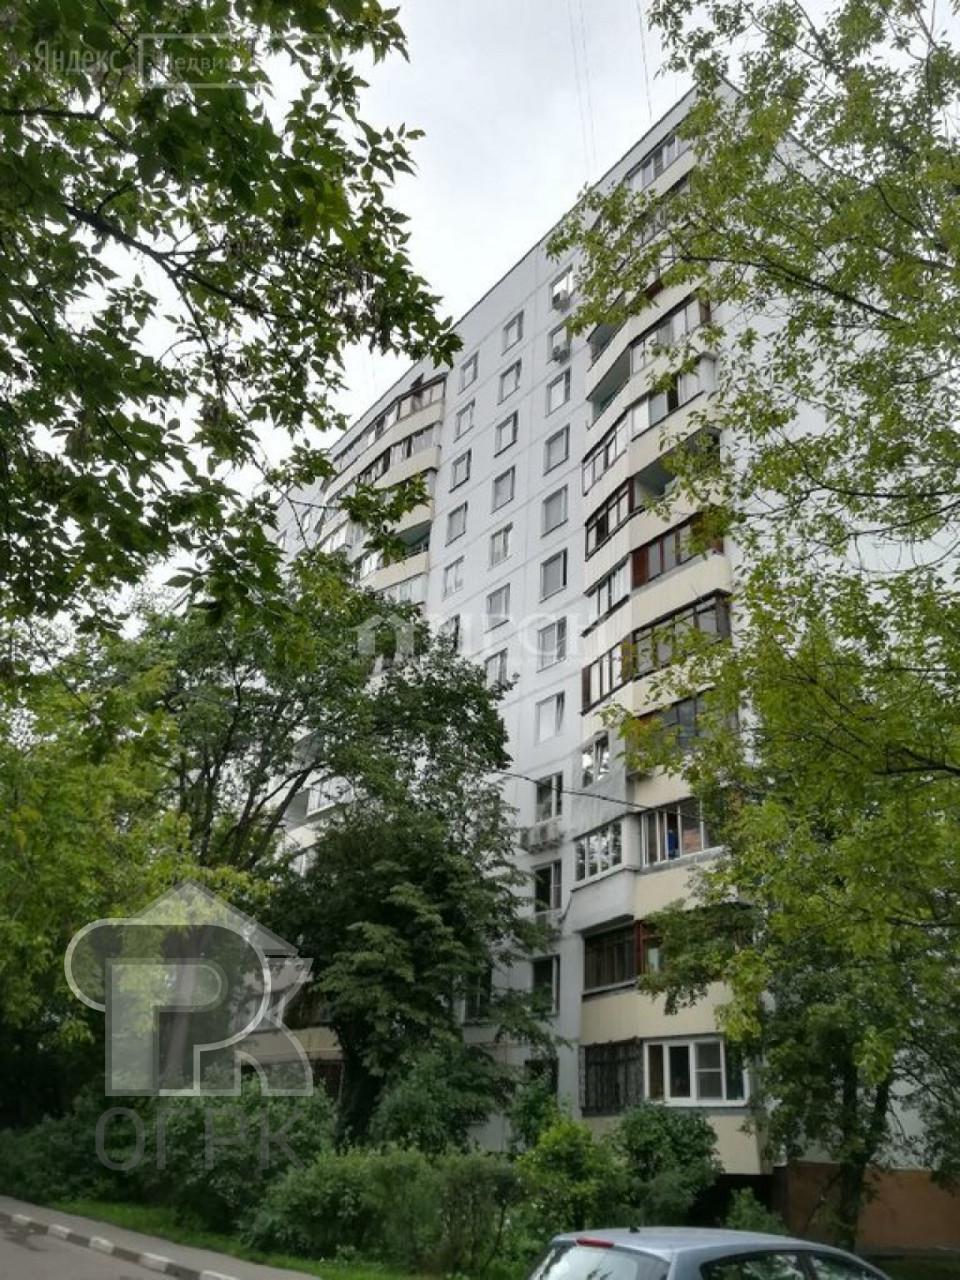 Купить комнату в 3-ккв, город Москва, район Ивановское, улица Саянская, 13, корпус 3, дом 13, №321338